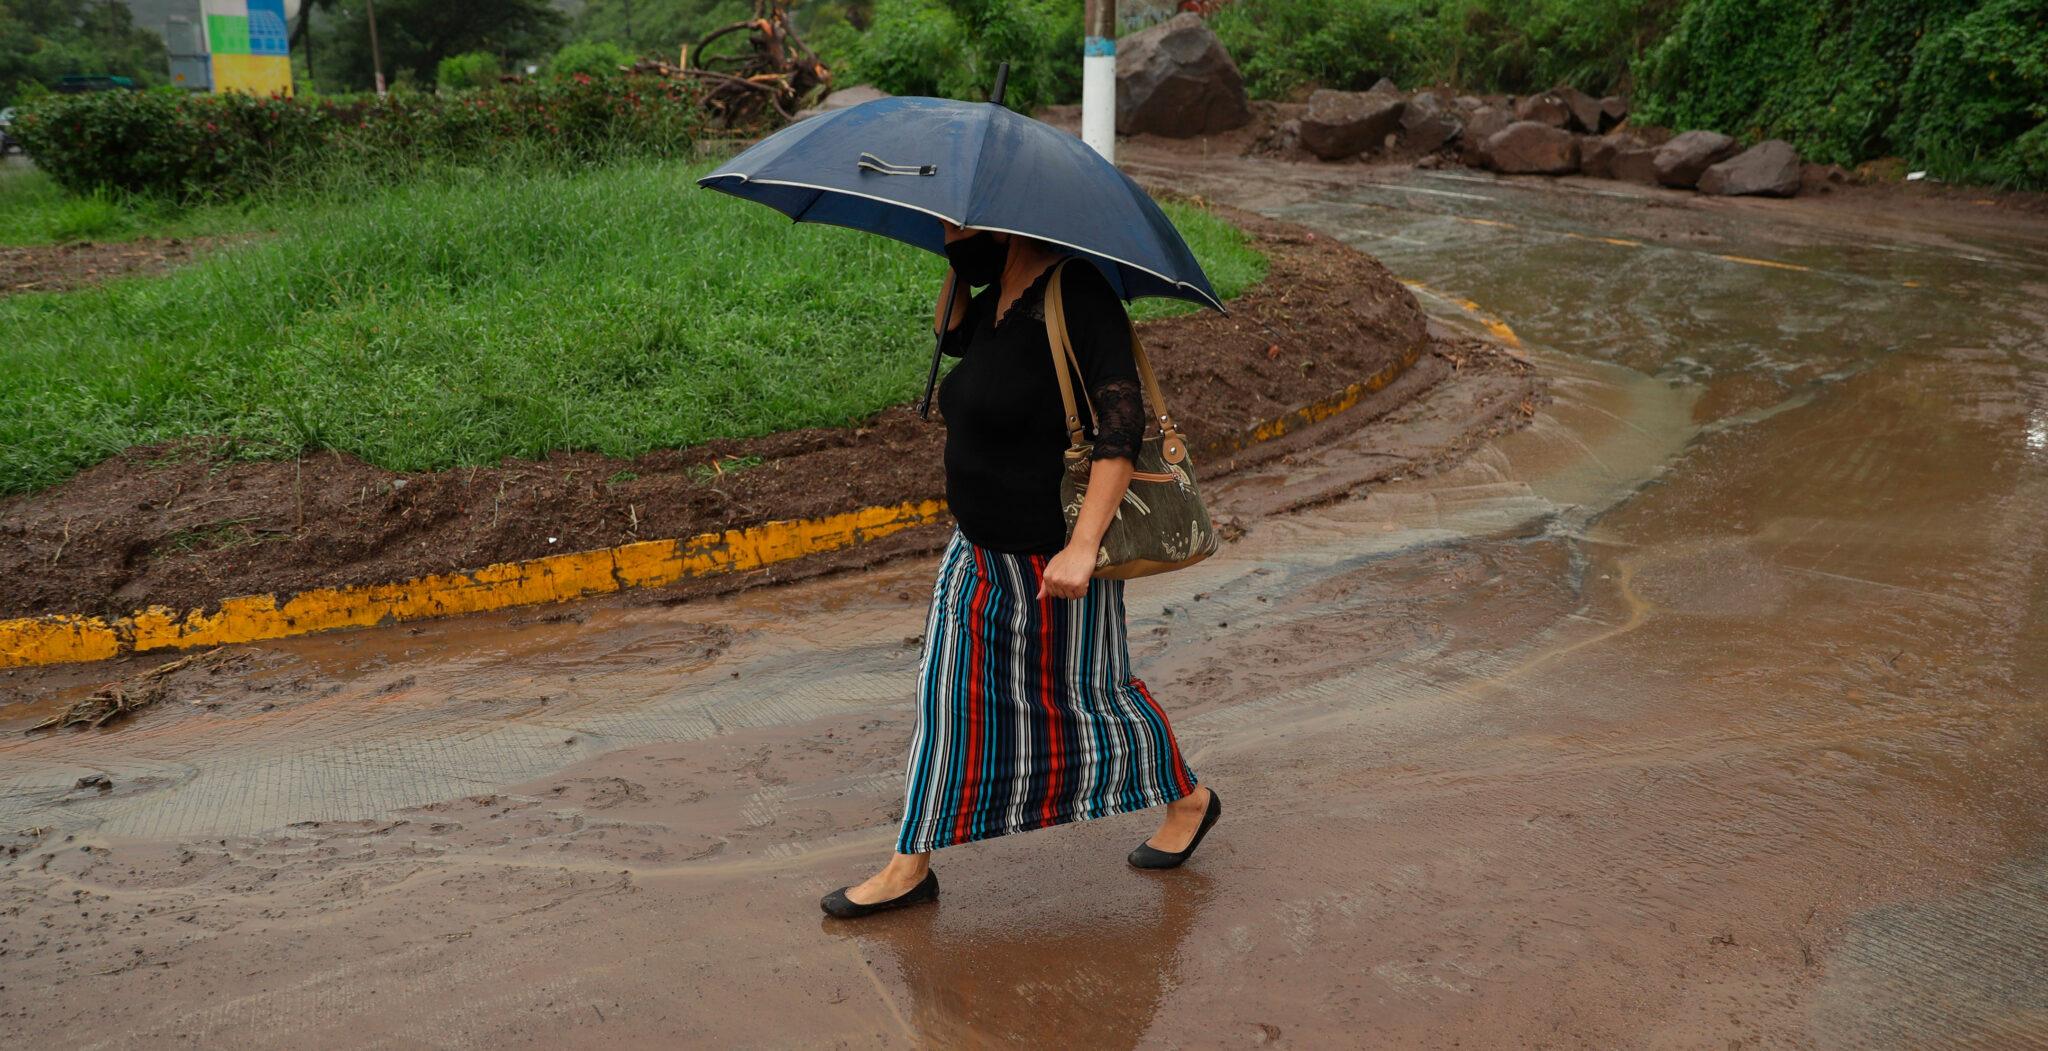 Mujer caminando bajo la lluvia en calle con barro